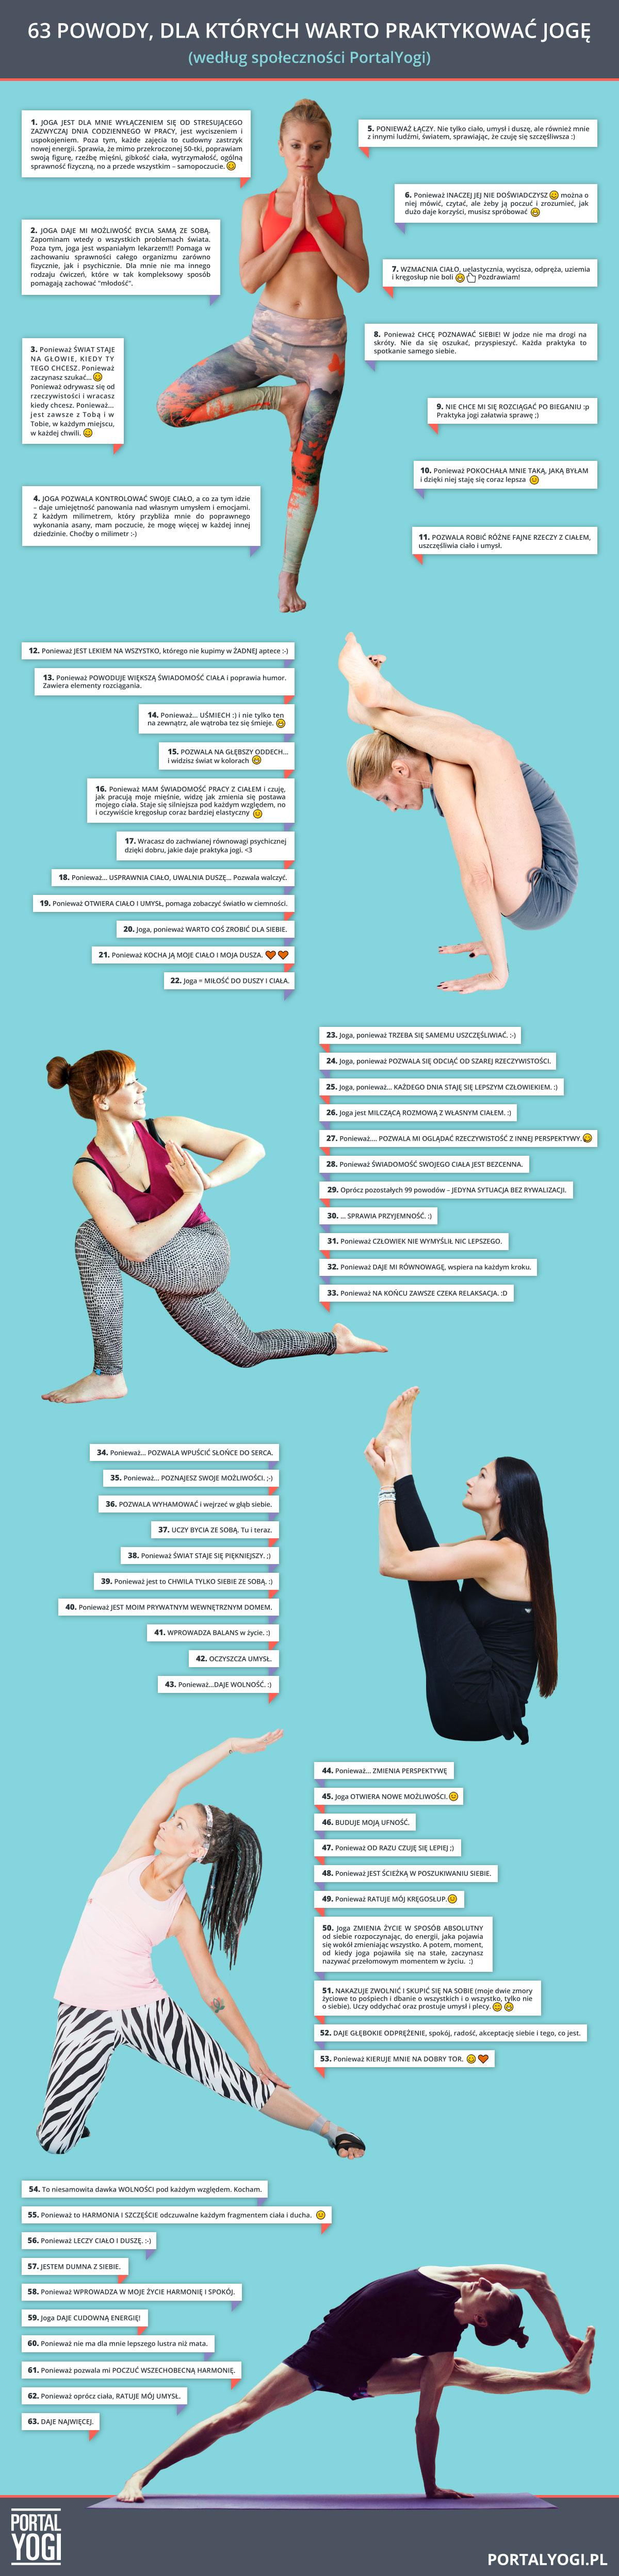 powody, dla których warto praktykować jogę